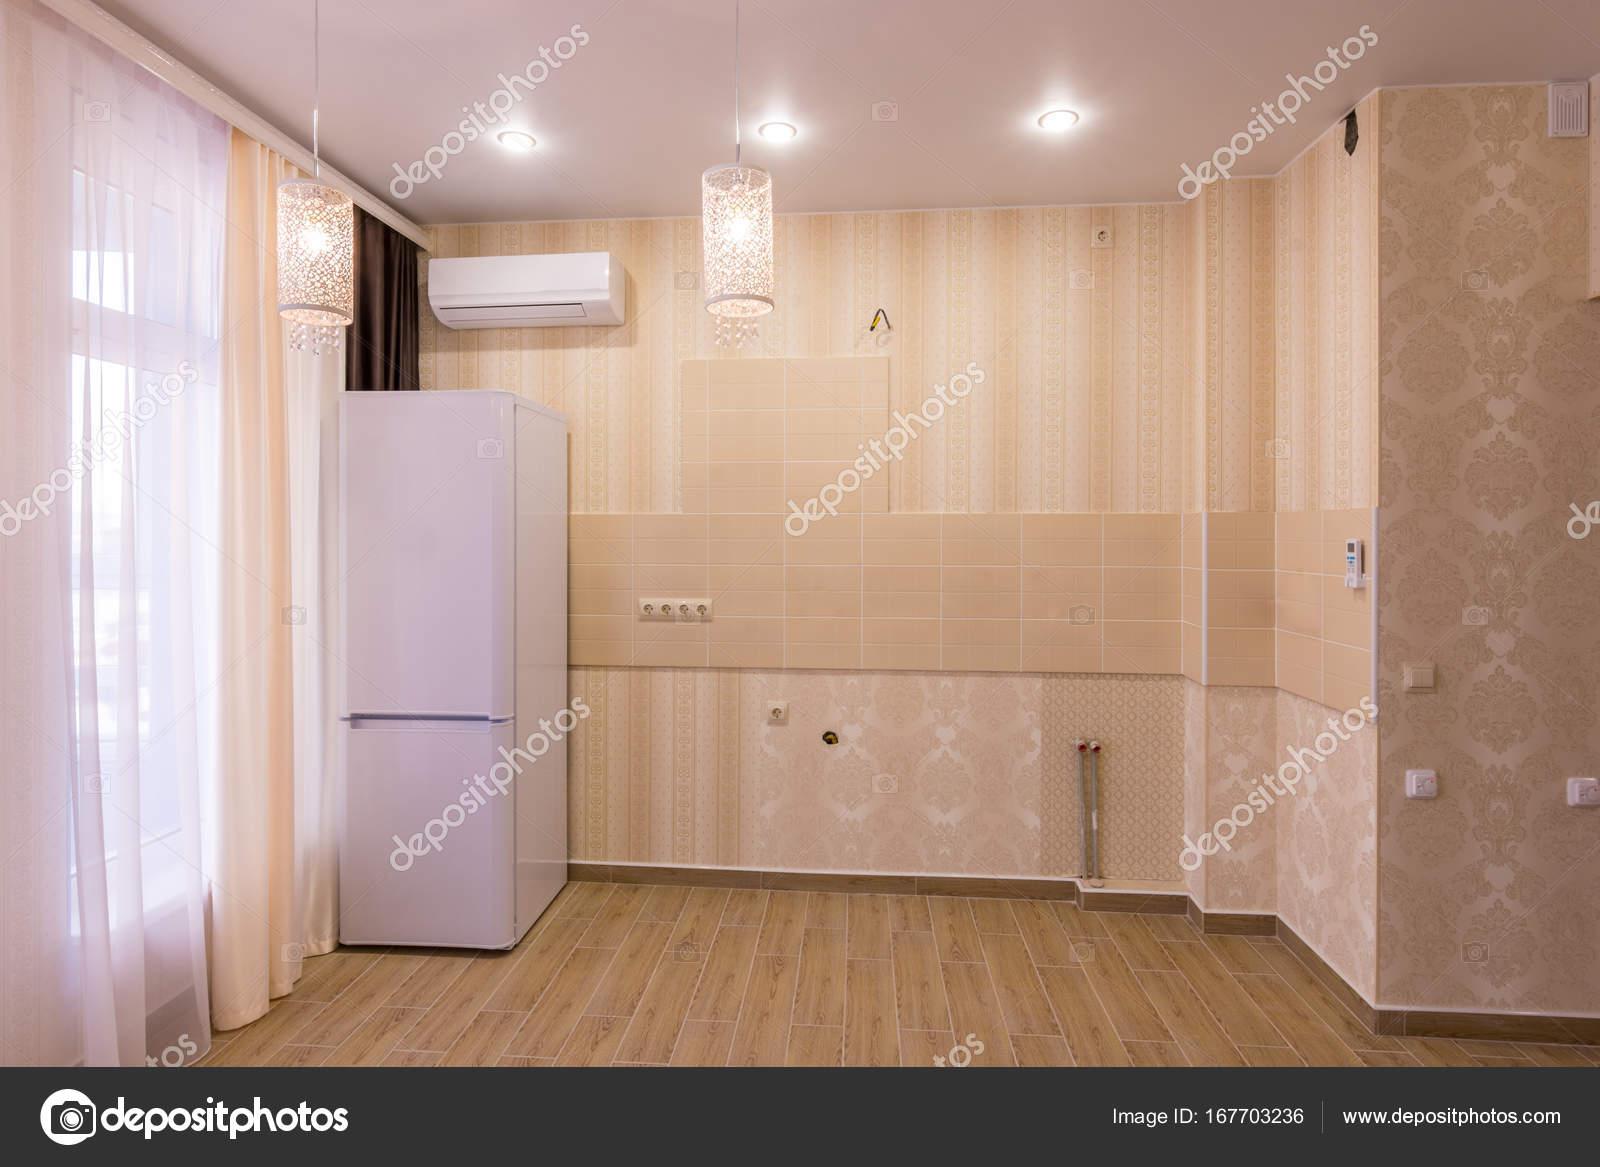 Imágenes: muebles de cocinas | Interior de una cocina vacía sin ...